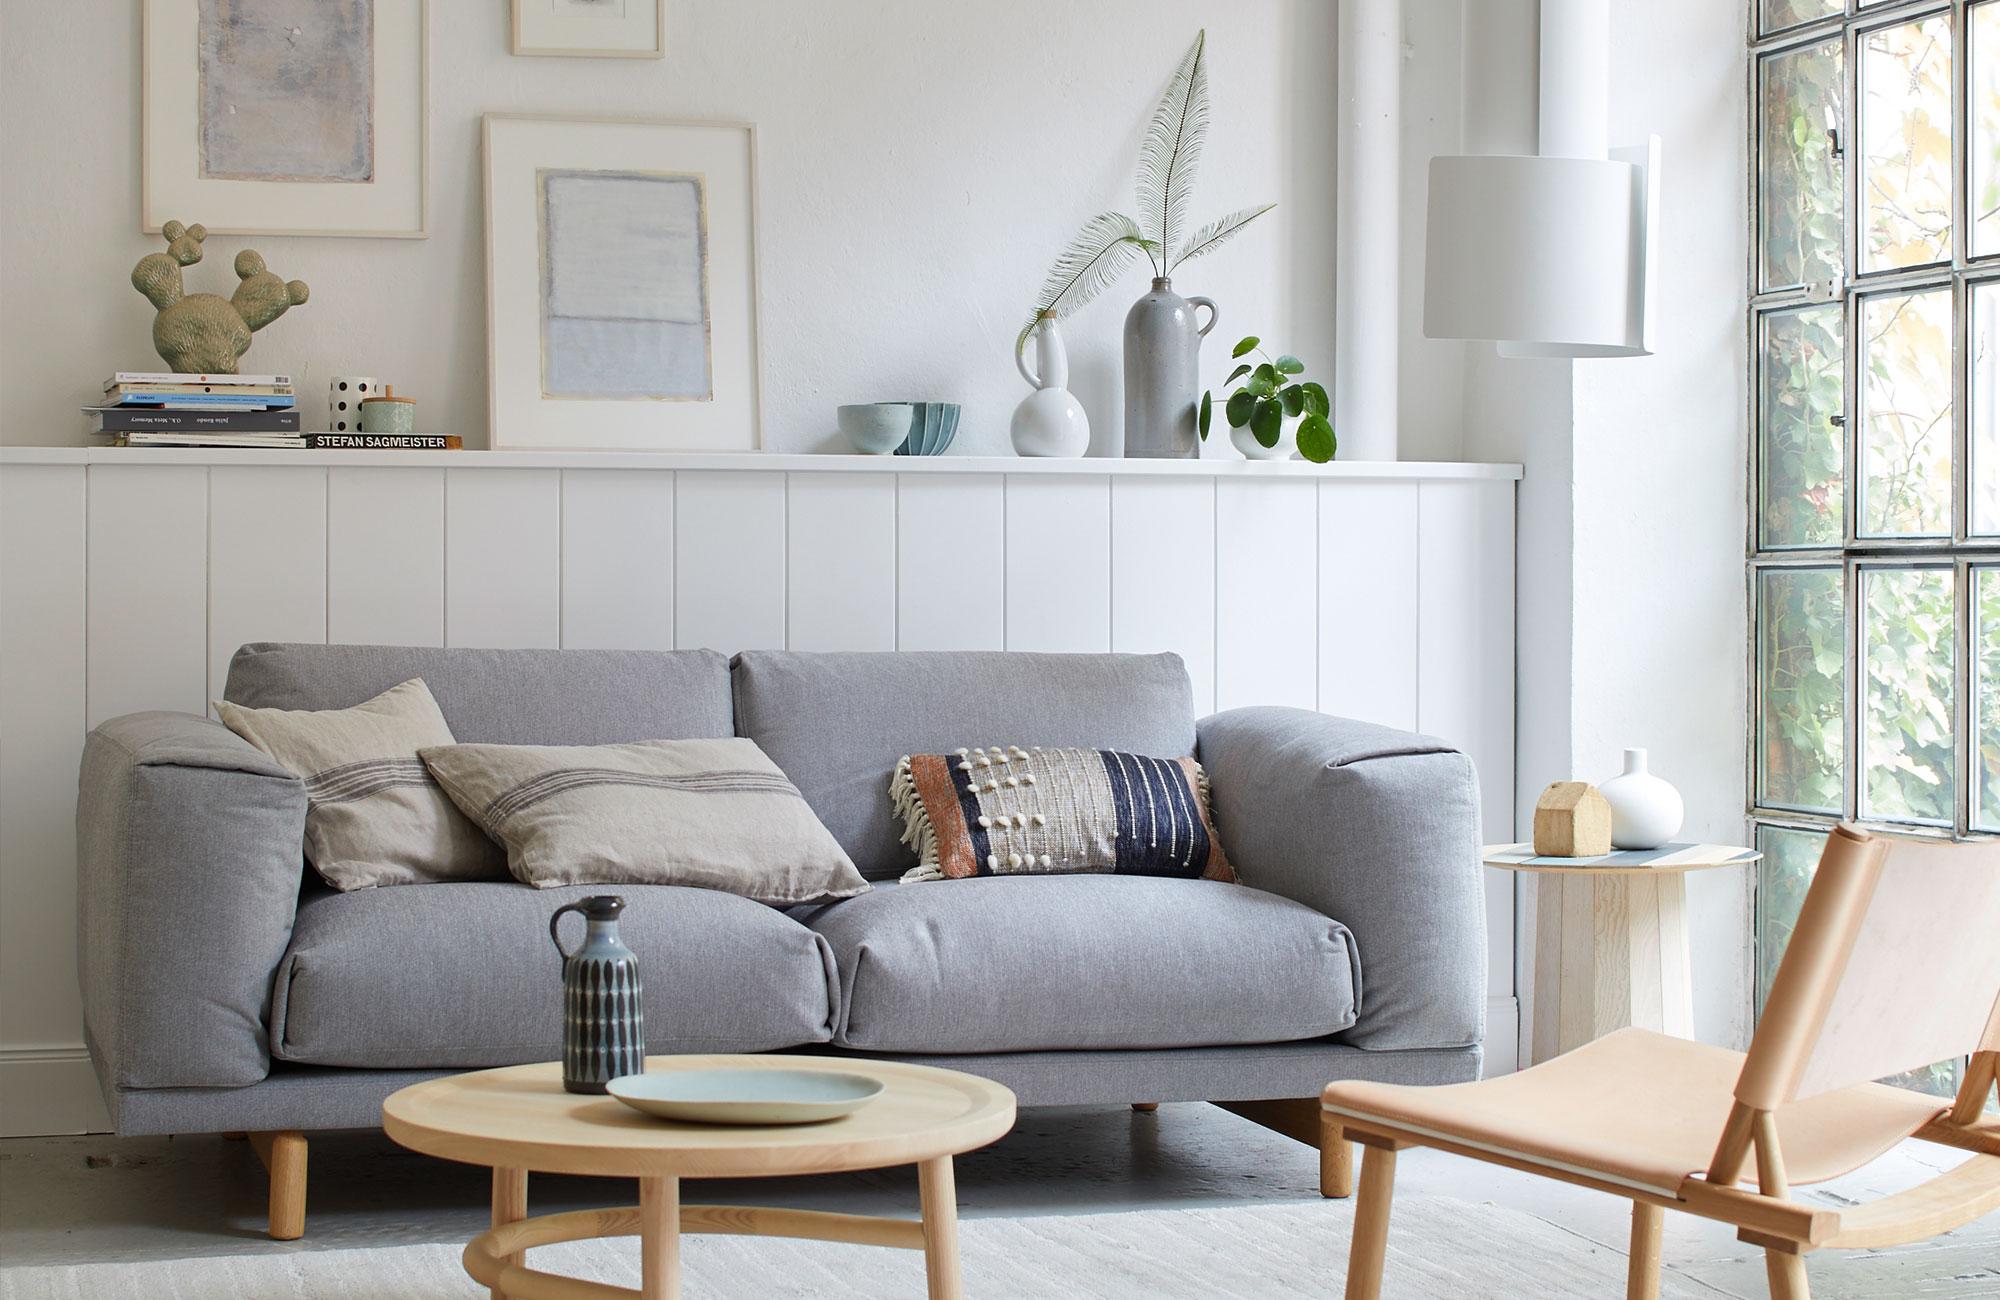 Peter Fehrentz interiordesign photography Innenarchitektur Fotografie Design Möbeldesign Furnituredesign Schöner Wohnen scandinavia scandi sofa lamp nature white